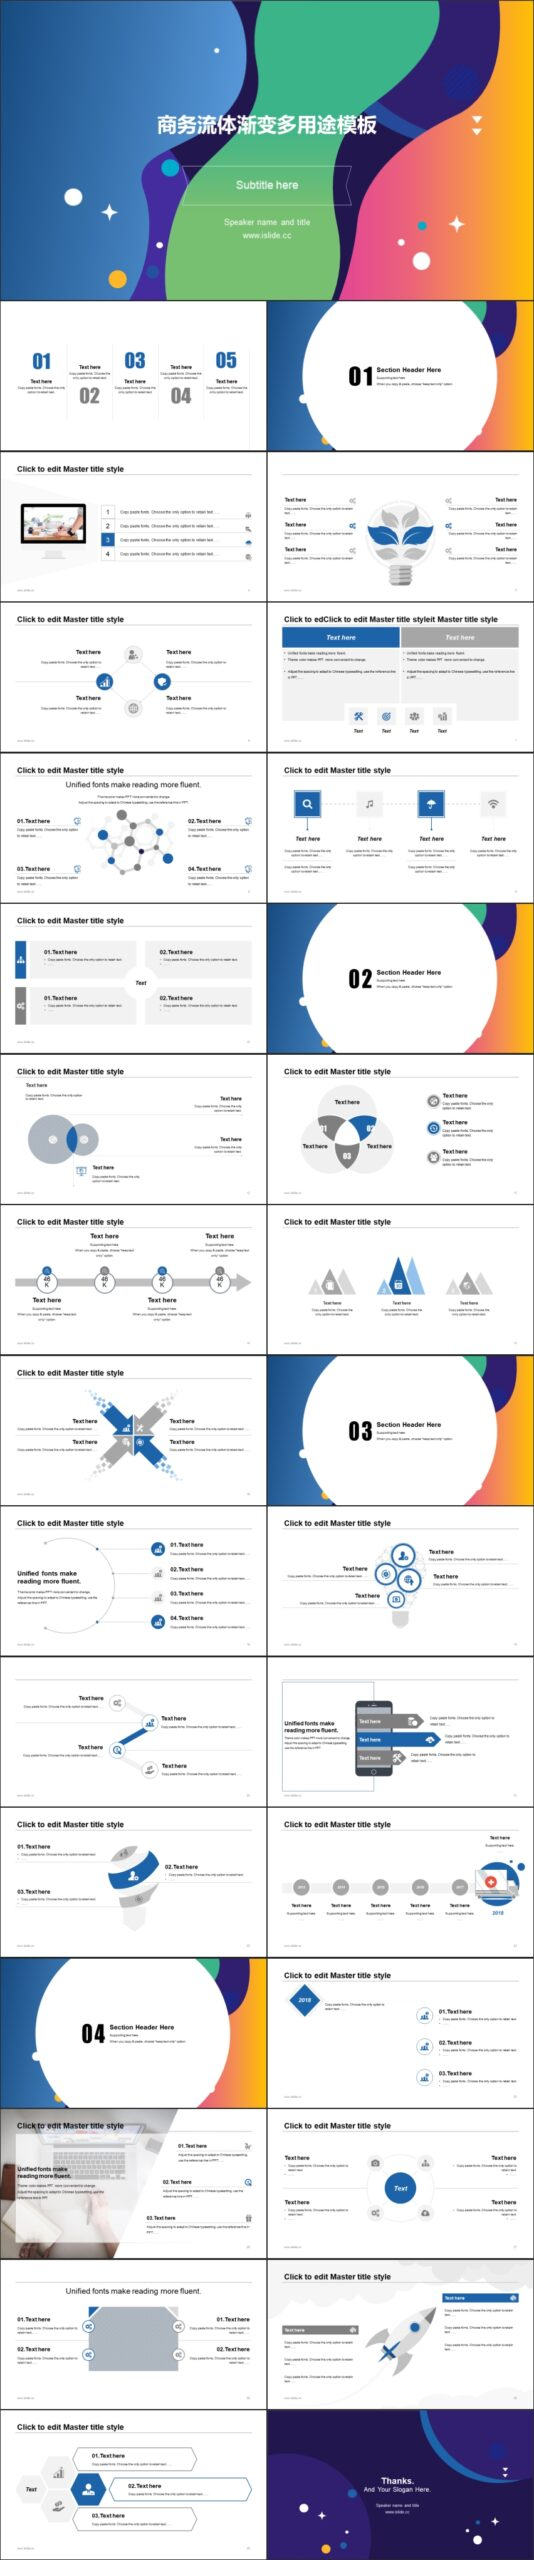 流体渐变简约风格工作总结PPT模板_预览图2